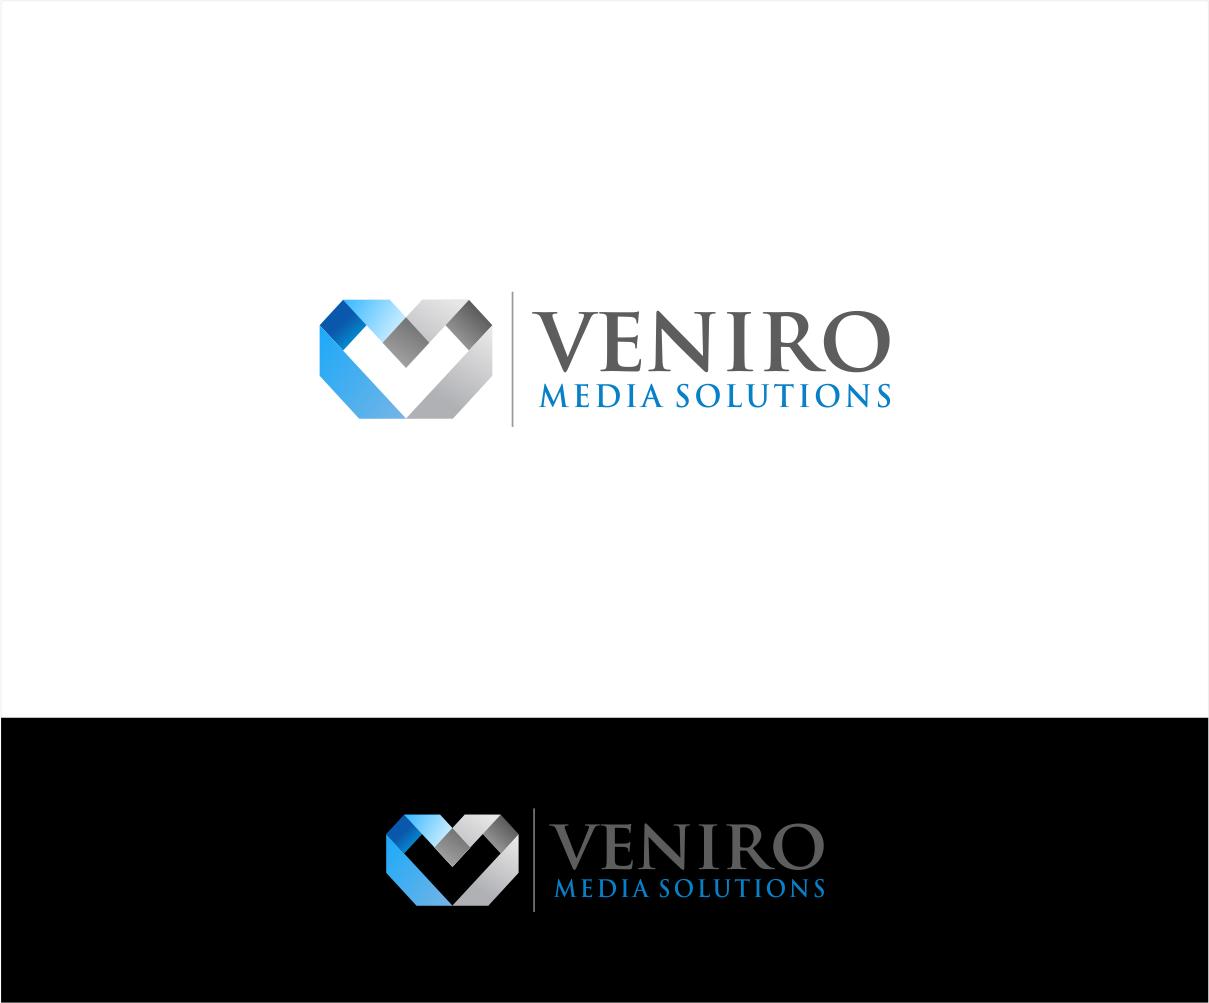 Digital Media Logo Images Stock Photos amp Vectors